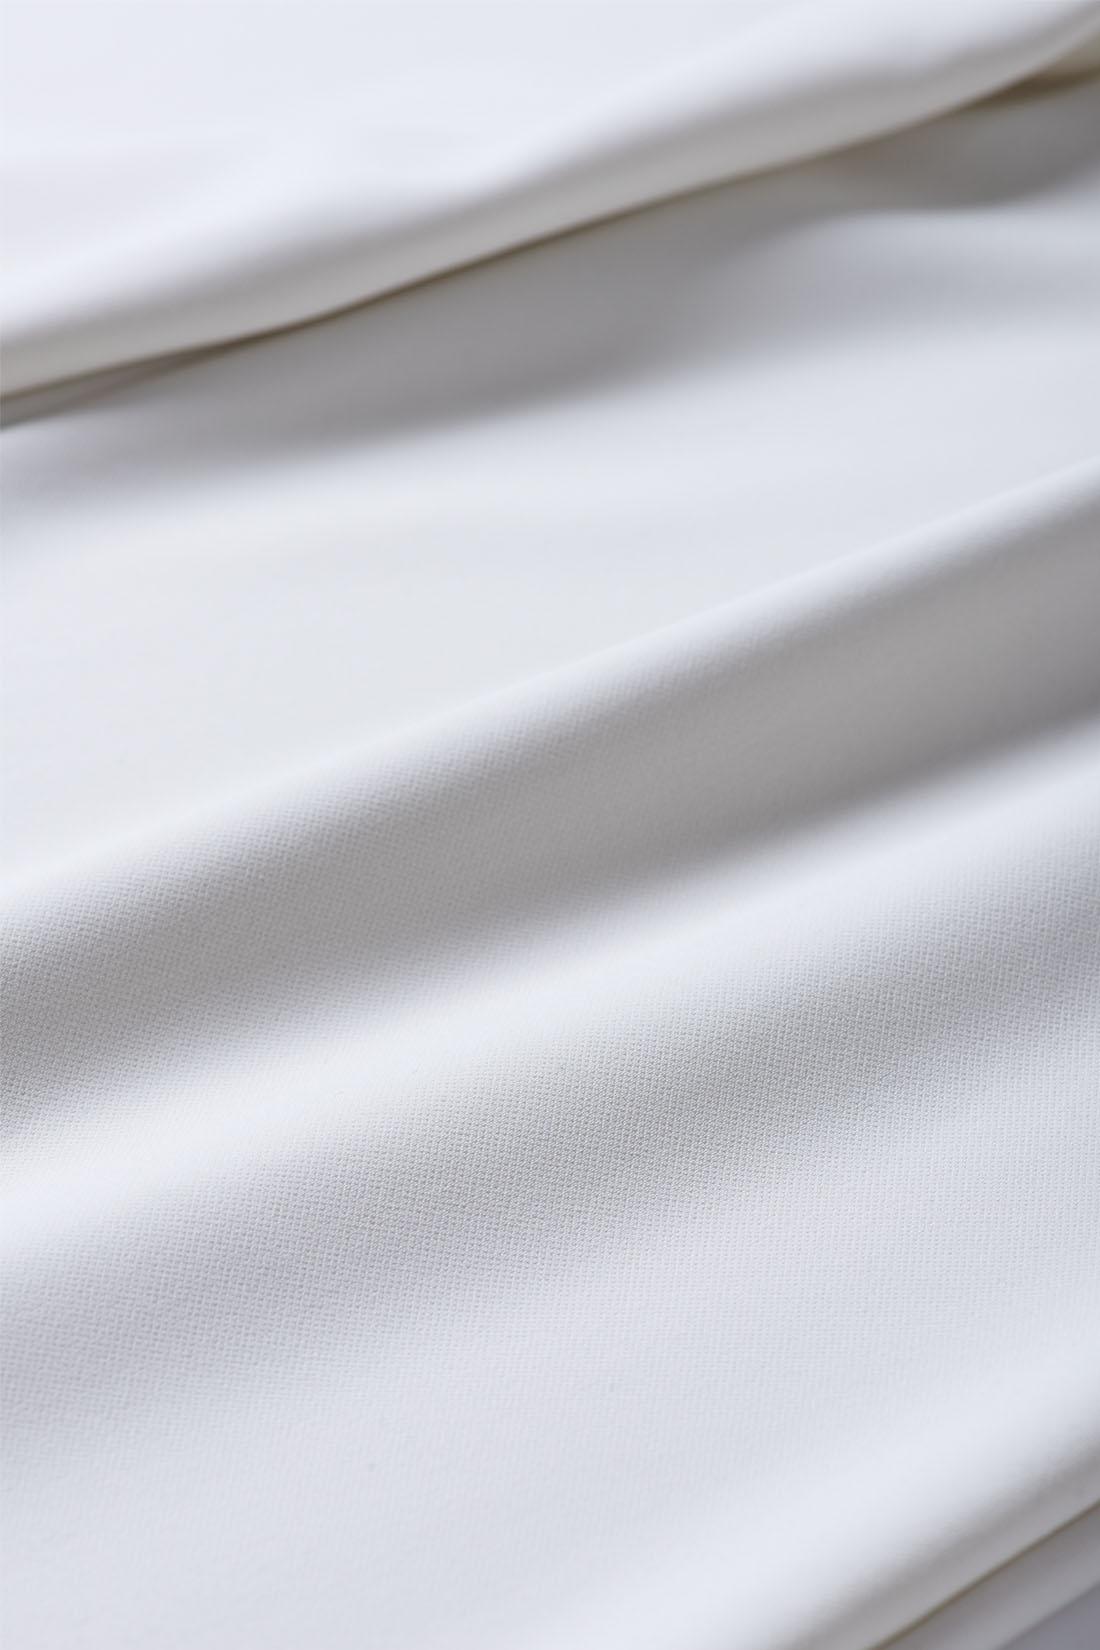 やわらかくふくらみ感のある二重織り素材は、滑らかでとろみがあり、はき心地抜群。淡色でも透けにくいのもうれしい。